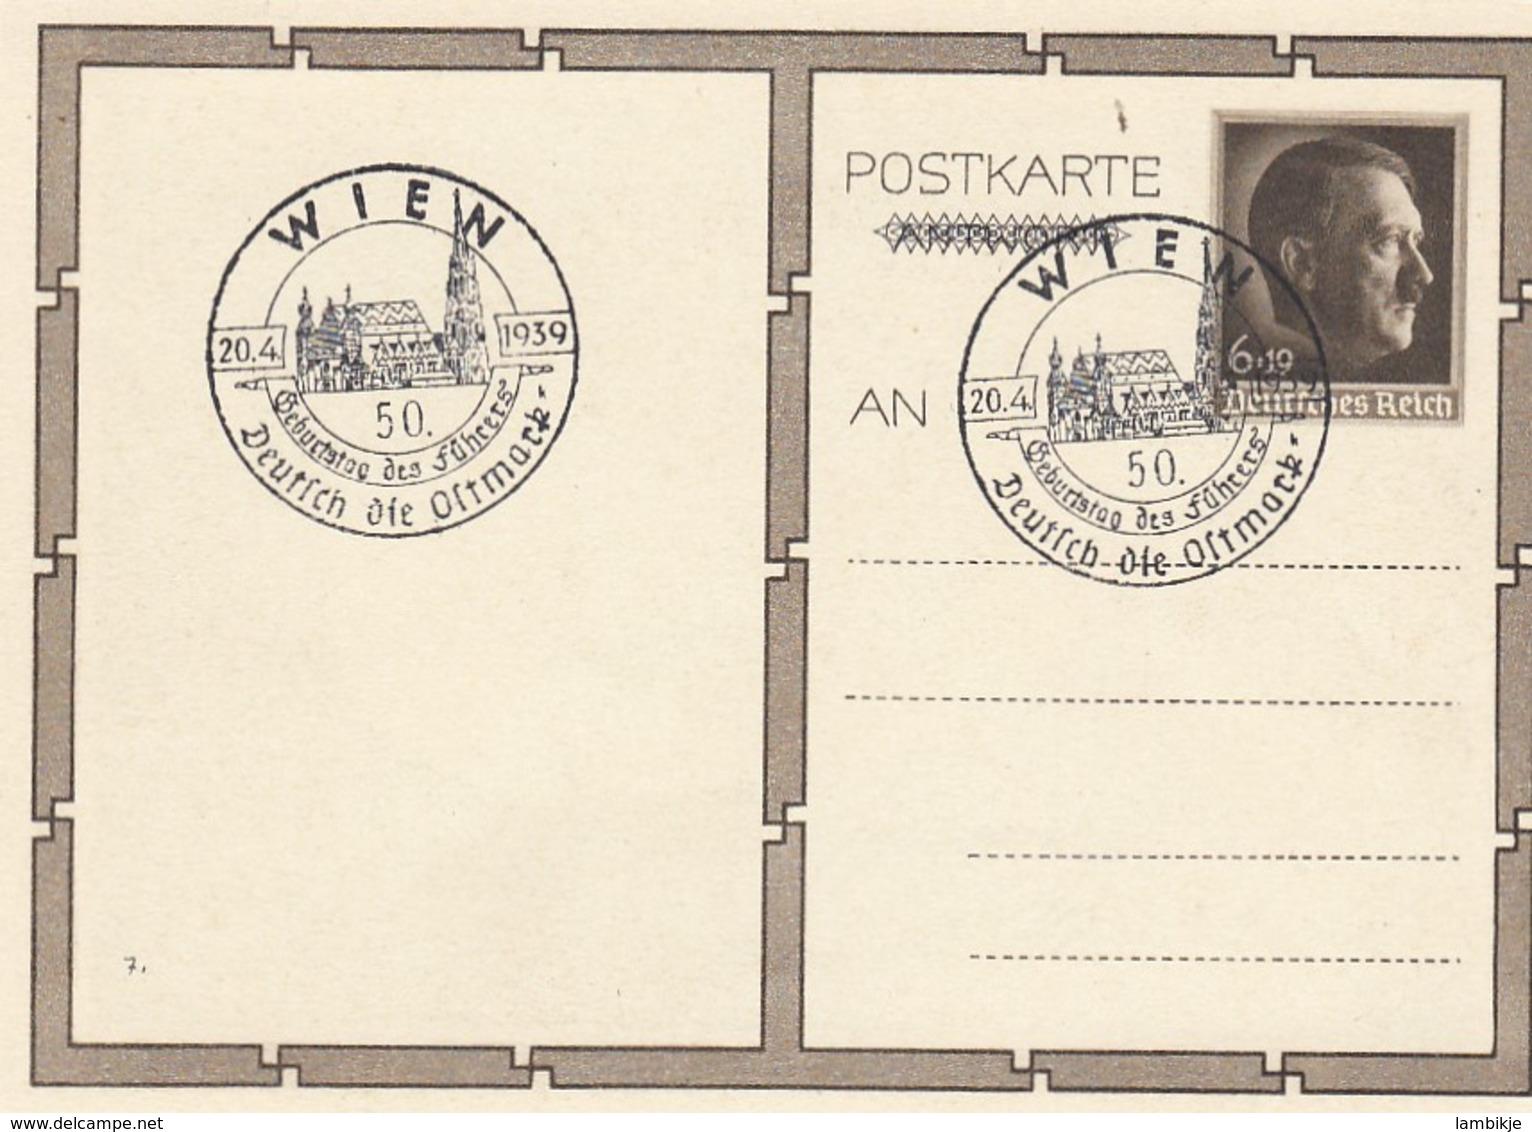 Deutsches Reich Postkarte P278/01 1939 - Deutschland